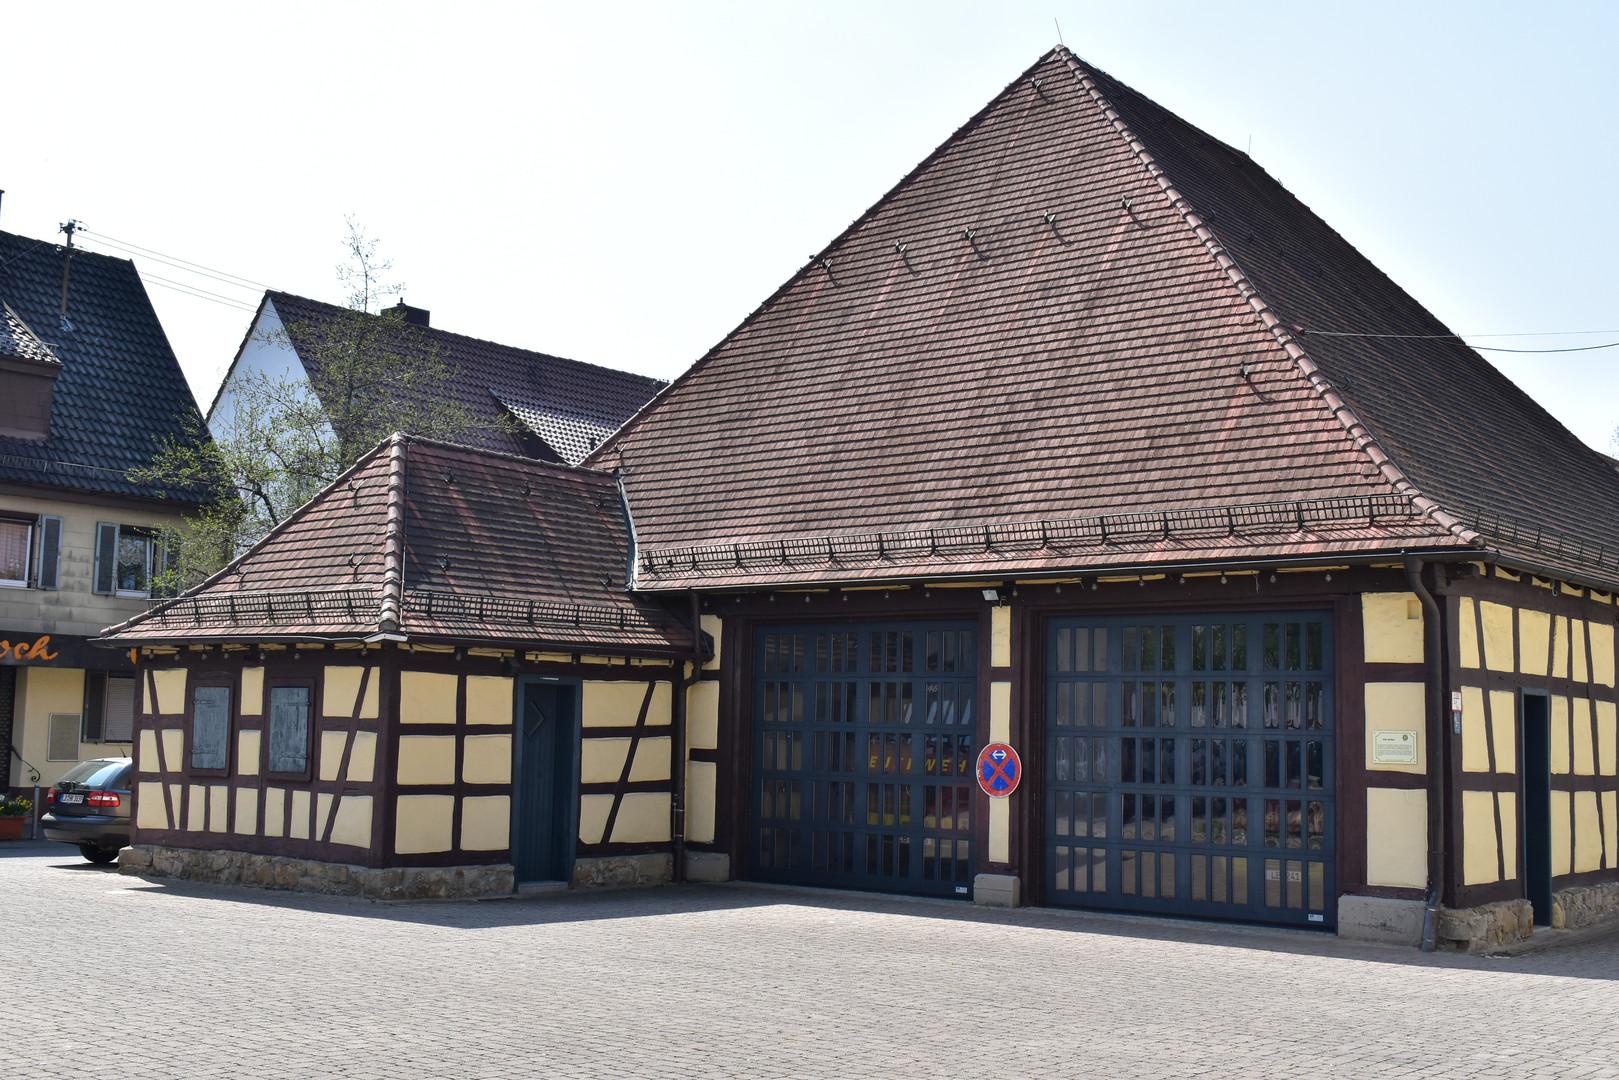 Feuerwache LB-Eglosheim